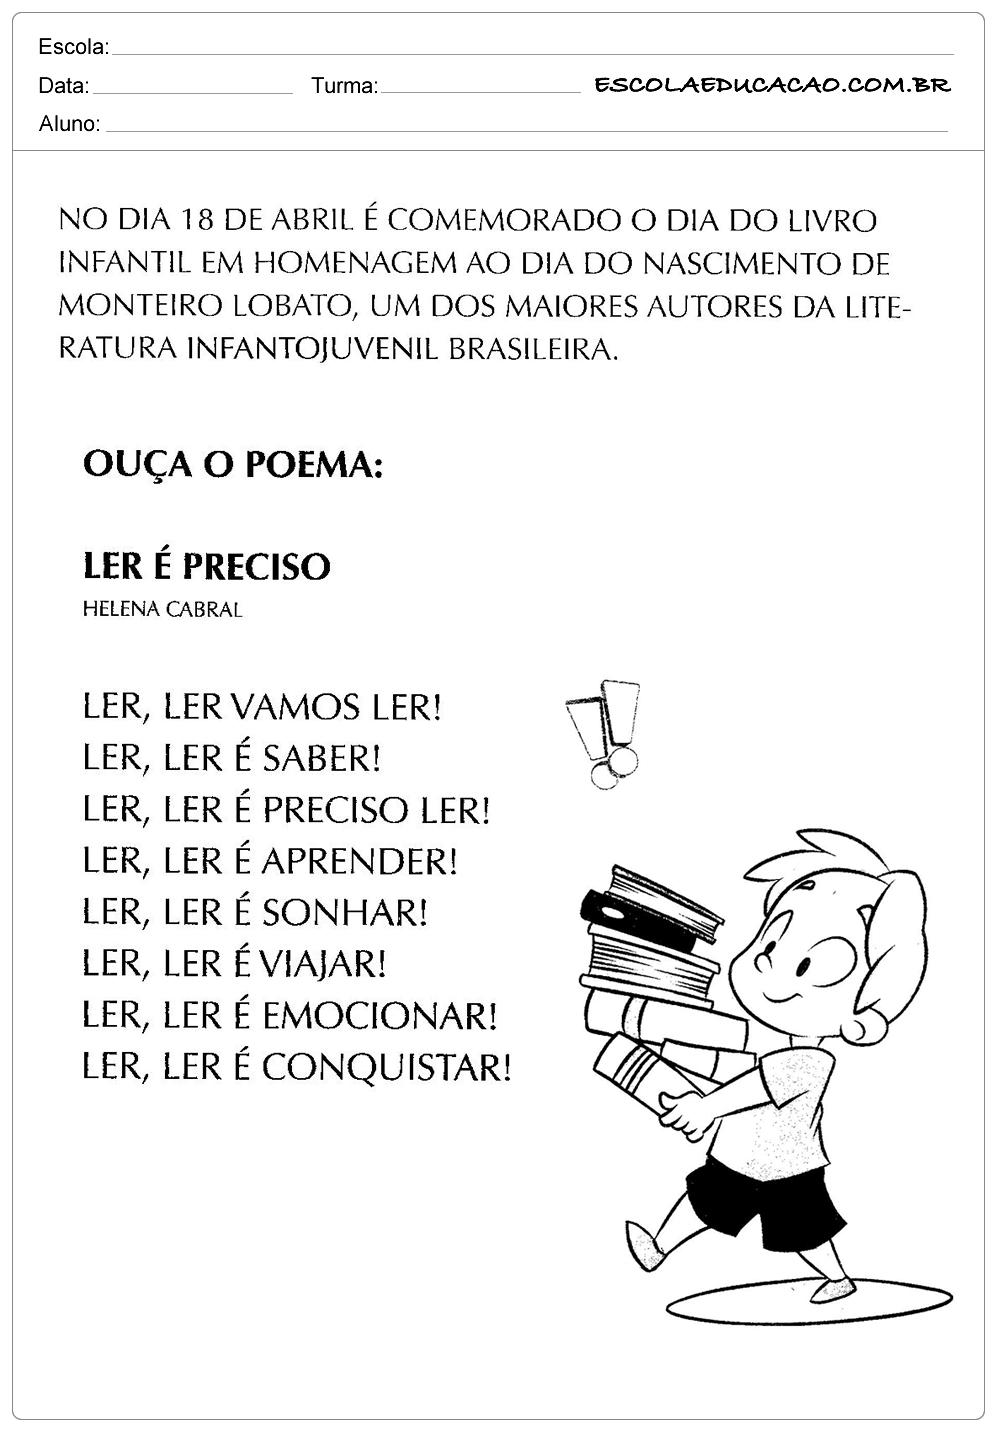 Excepcional Atividades Dia do Livro Infantil - Ouça o Poema - Escola Educação VS97